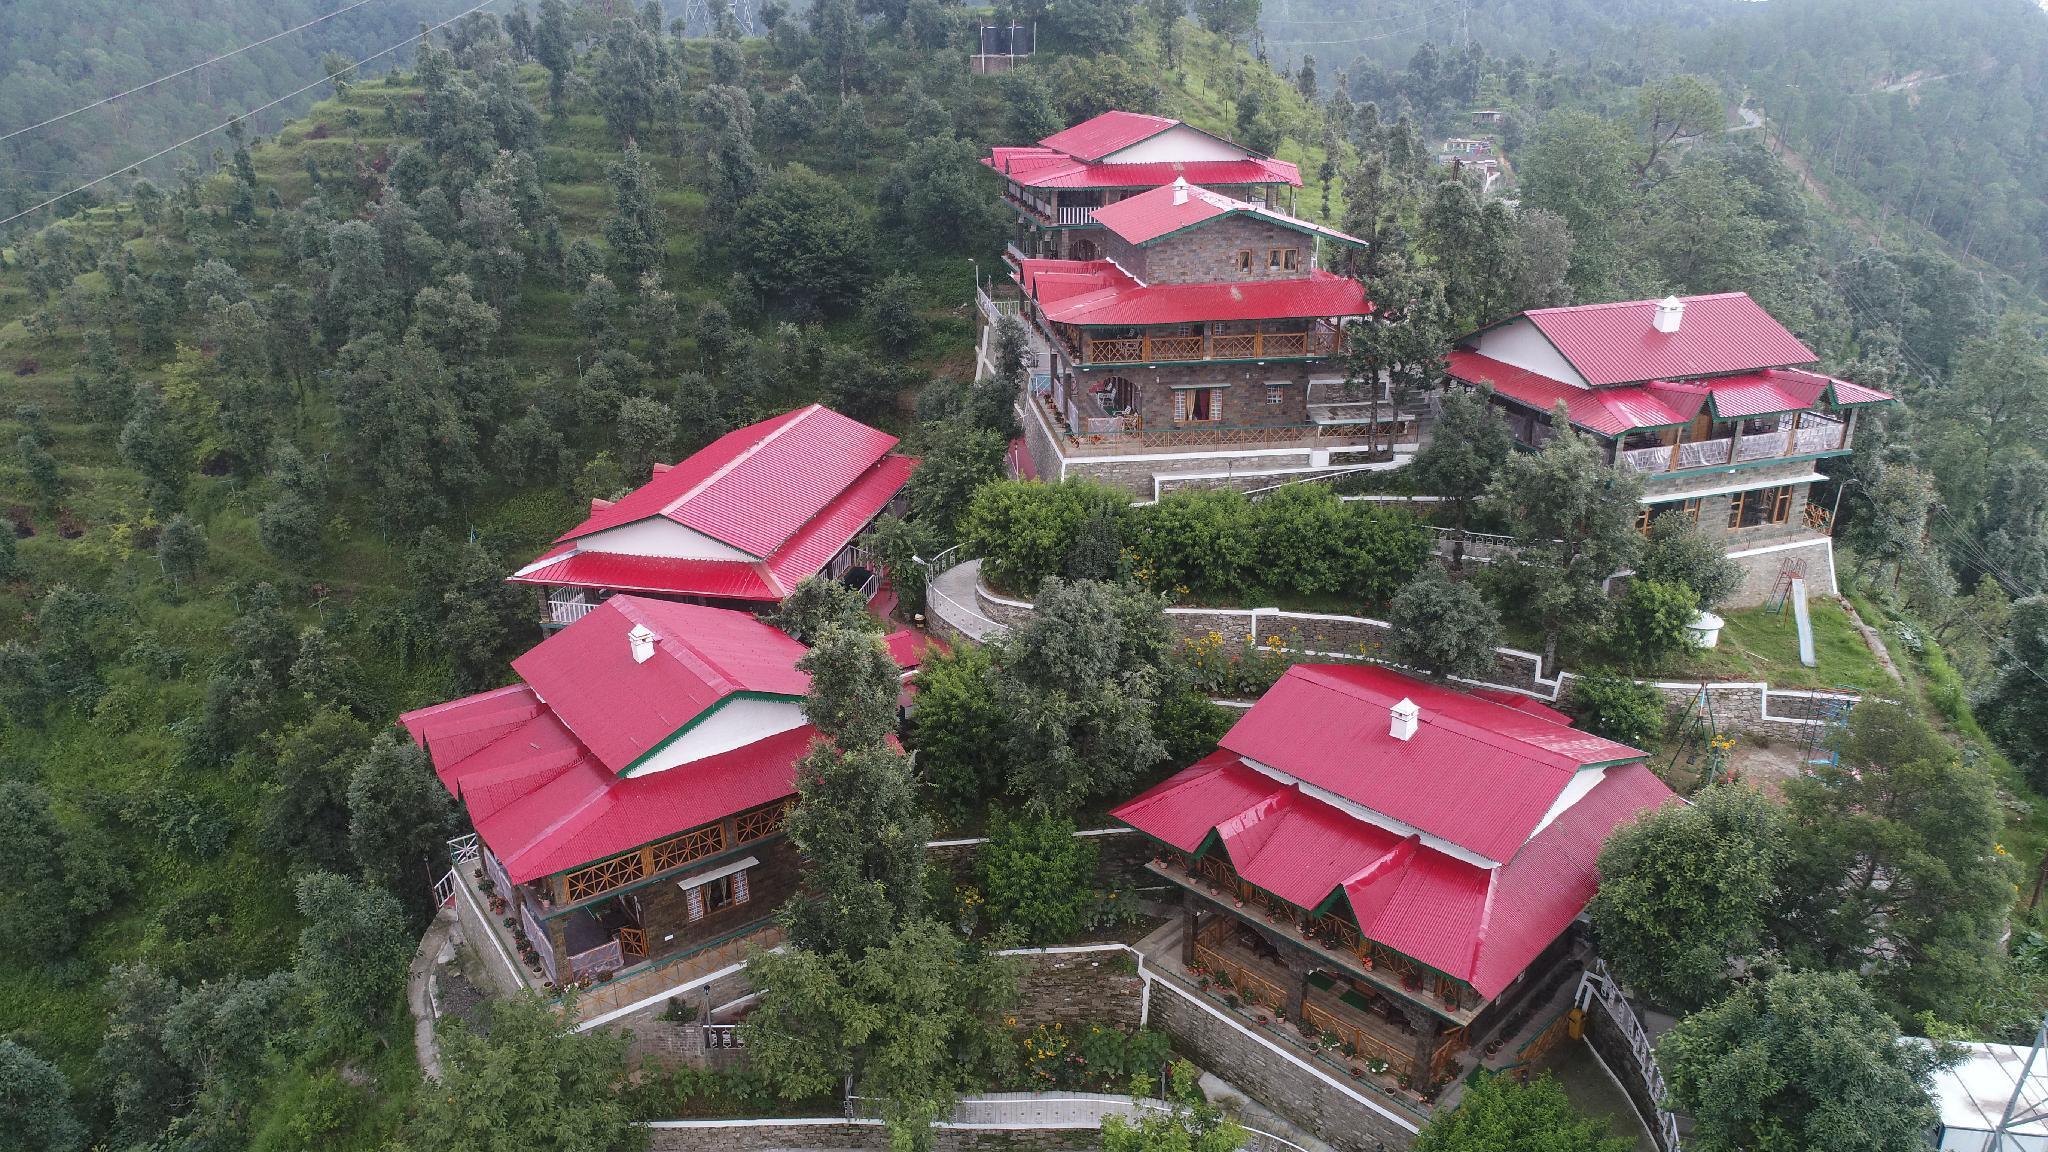 The Green Village Eco Resort Jageshwar